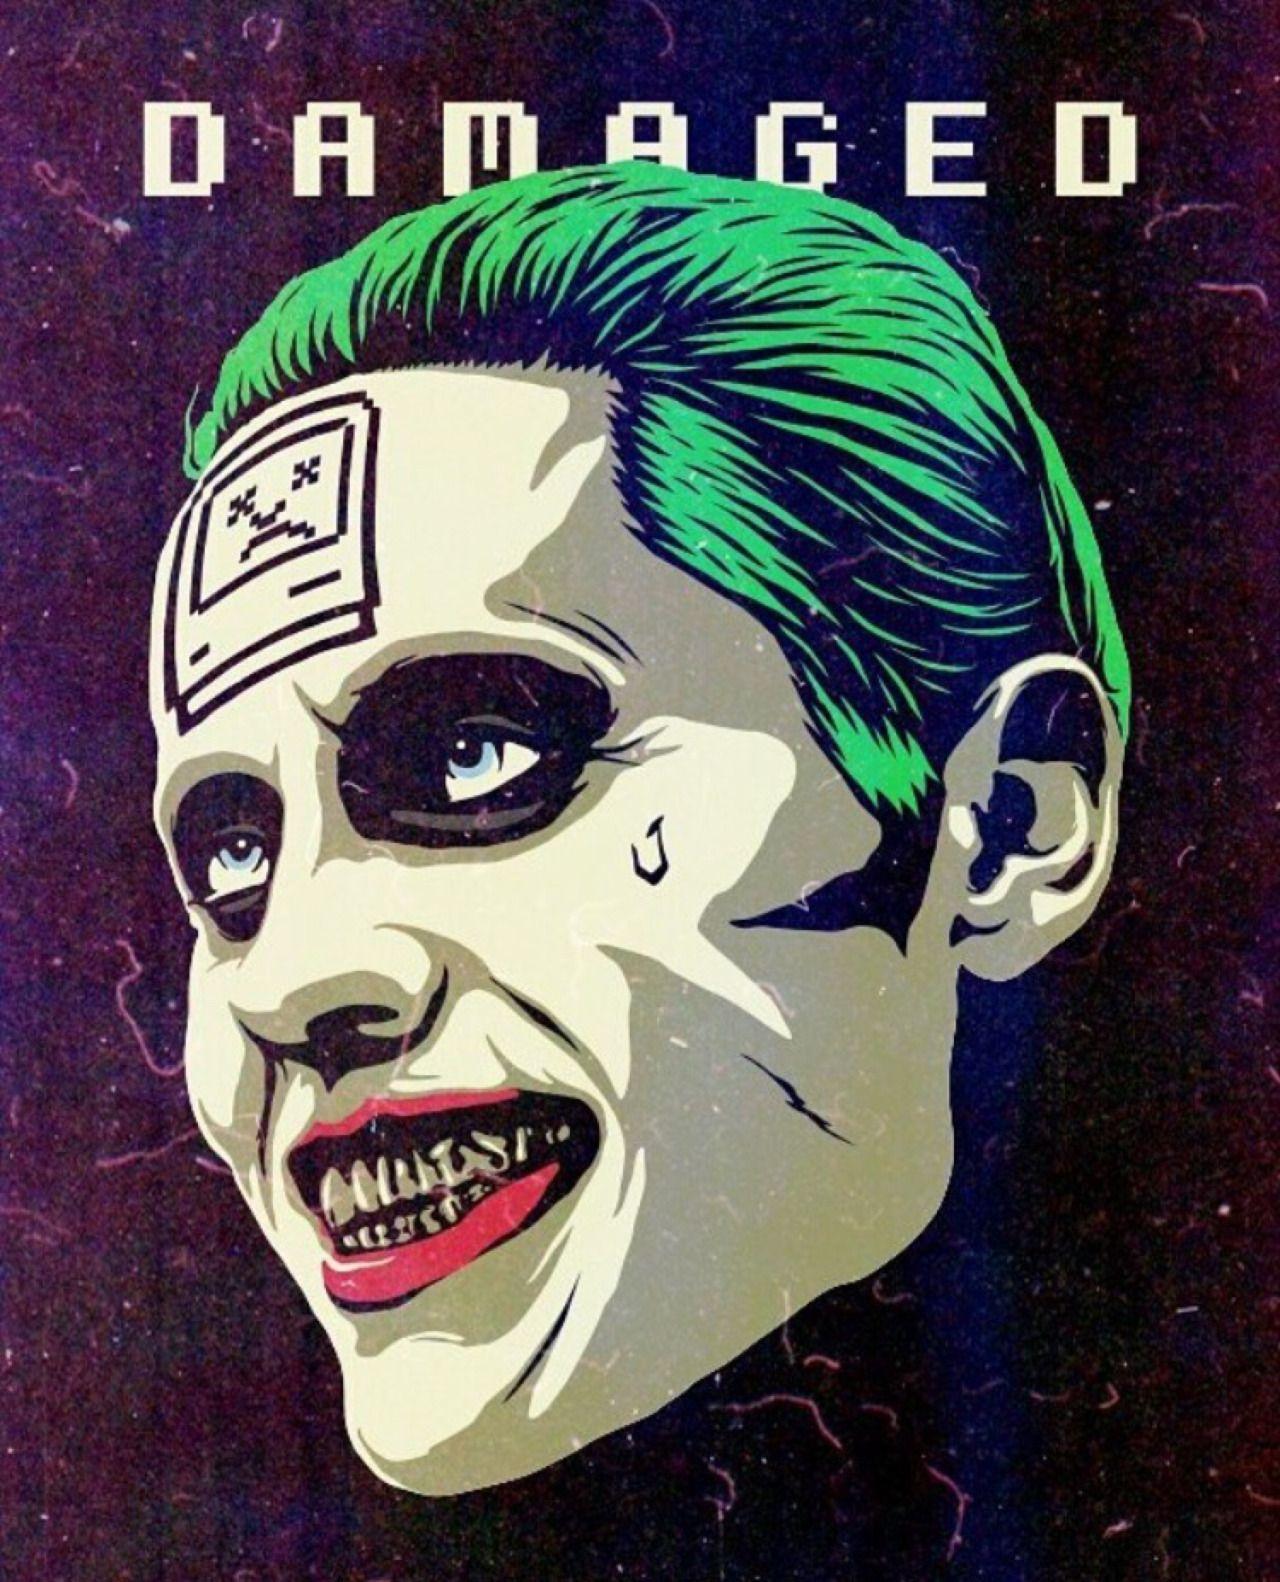 Joker Face Paint Suicide Squad : joker, paint, suicide, squad, SUICIDE, SQUAD, MOVIE